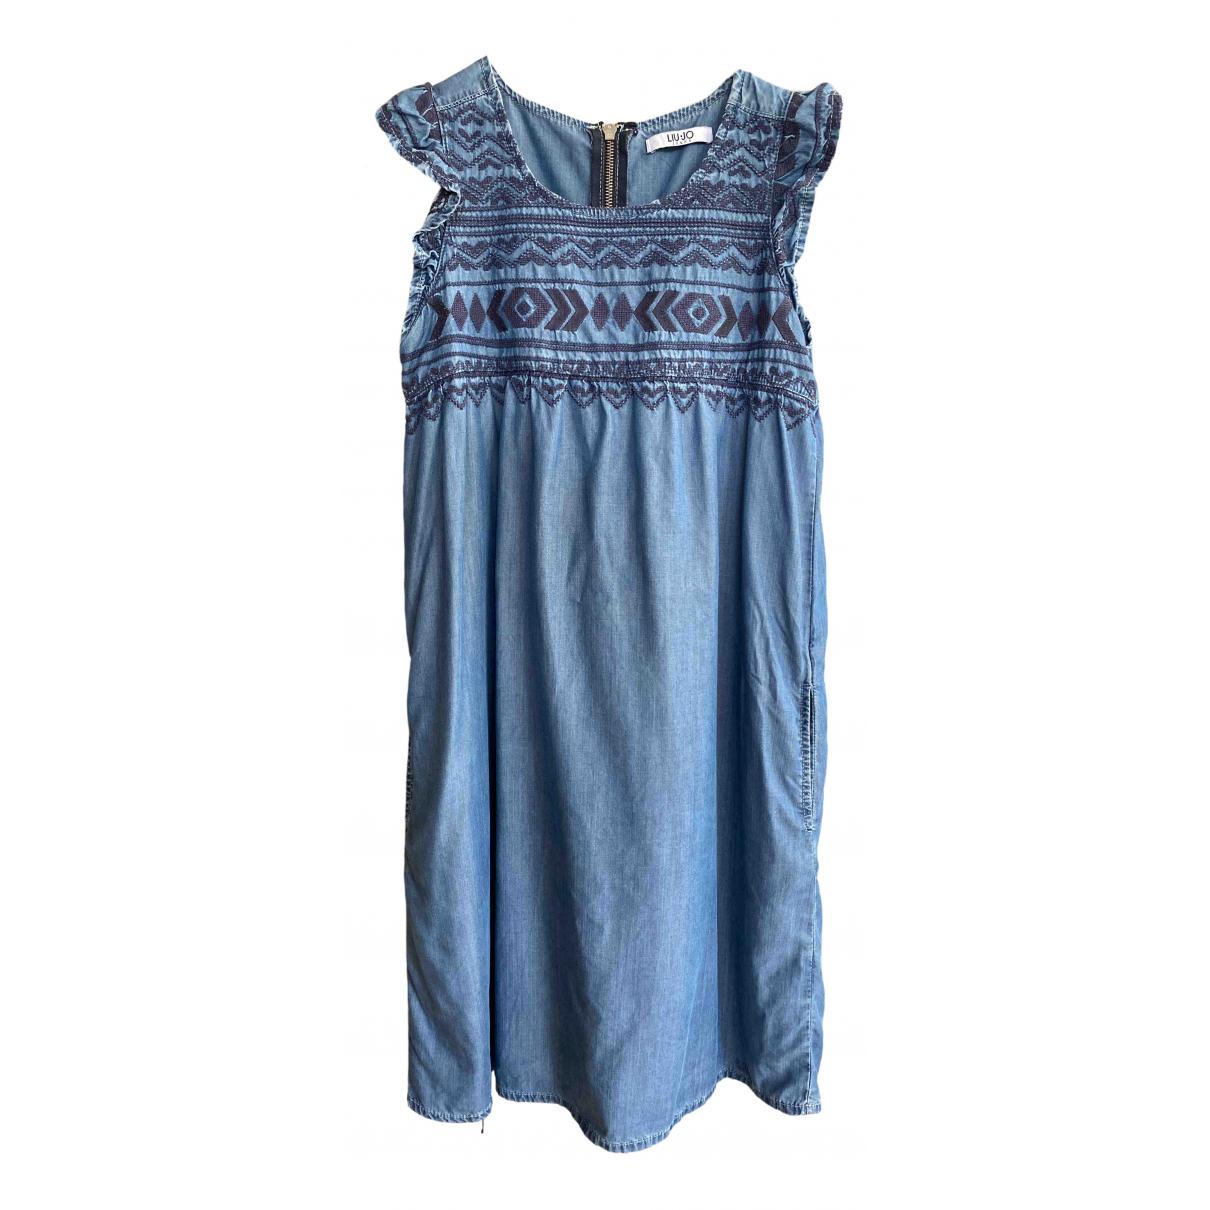 Liu.jo \N Kleid in  Blau Denim - Jeans